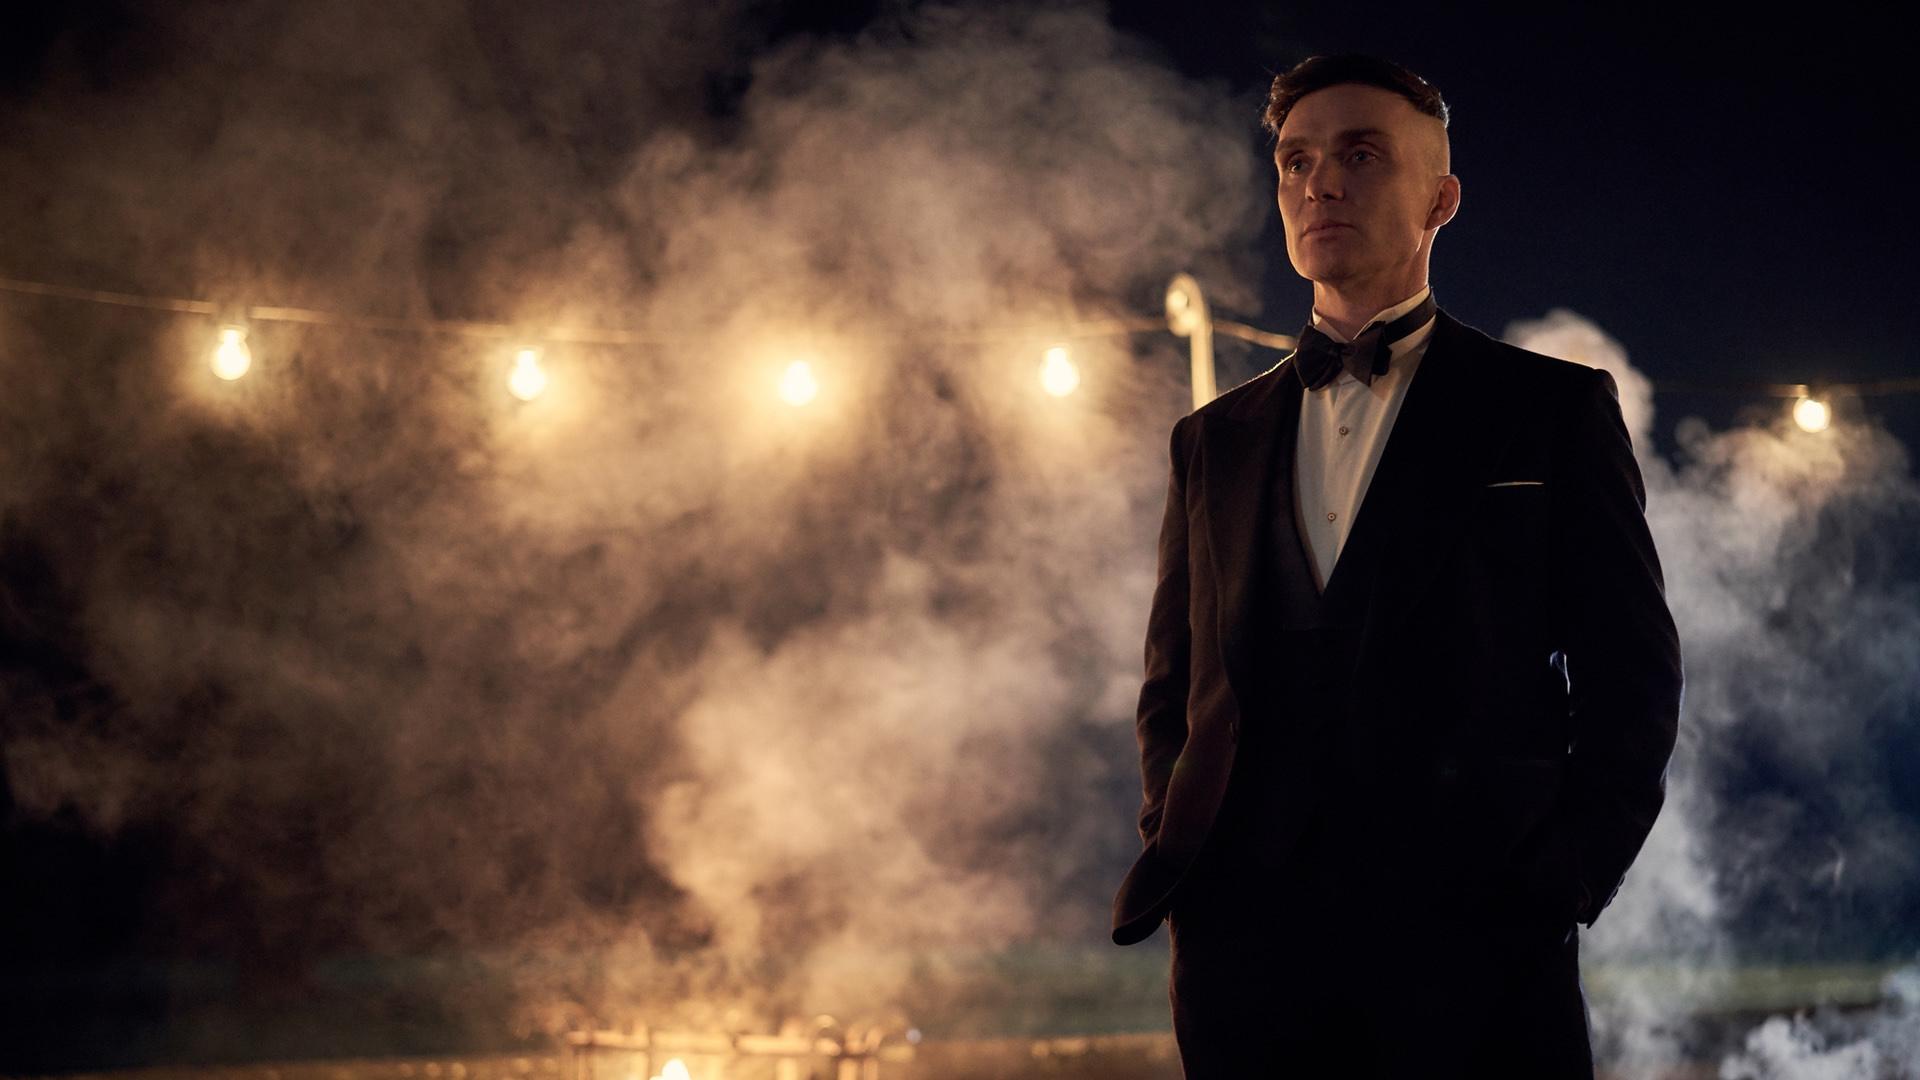 سریال Peaky Blinders در فصل ششم به پایان خواهد رسید